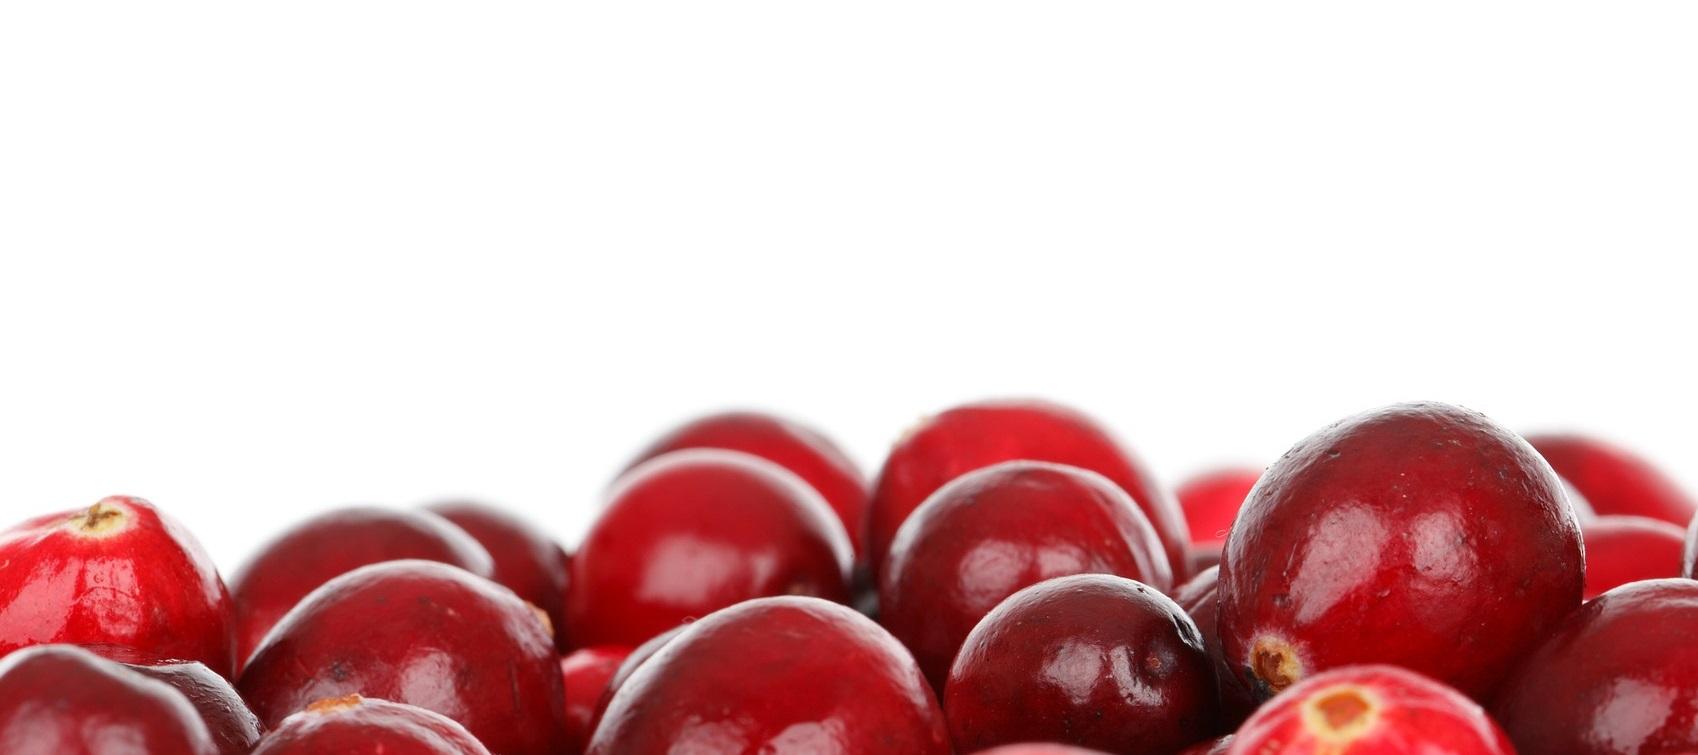 El arándano rojo es uno de los suplementos más recomendados para prevenir la cistitis eficazmente.